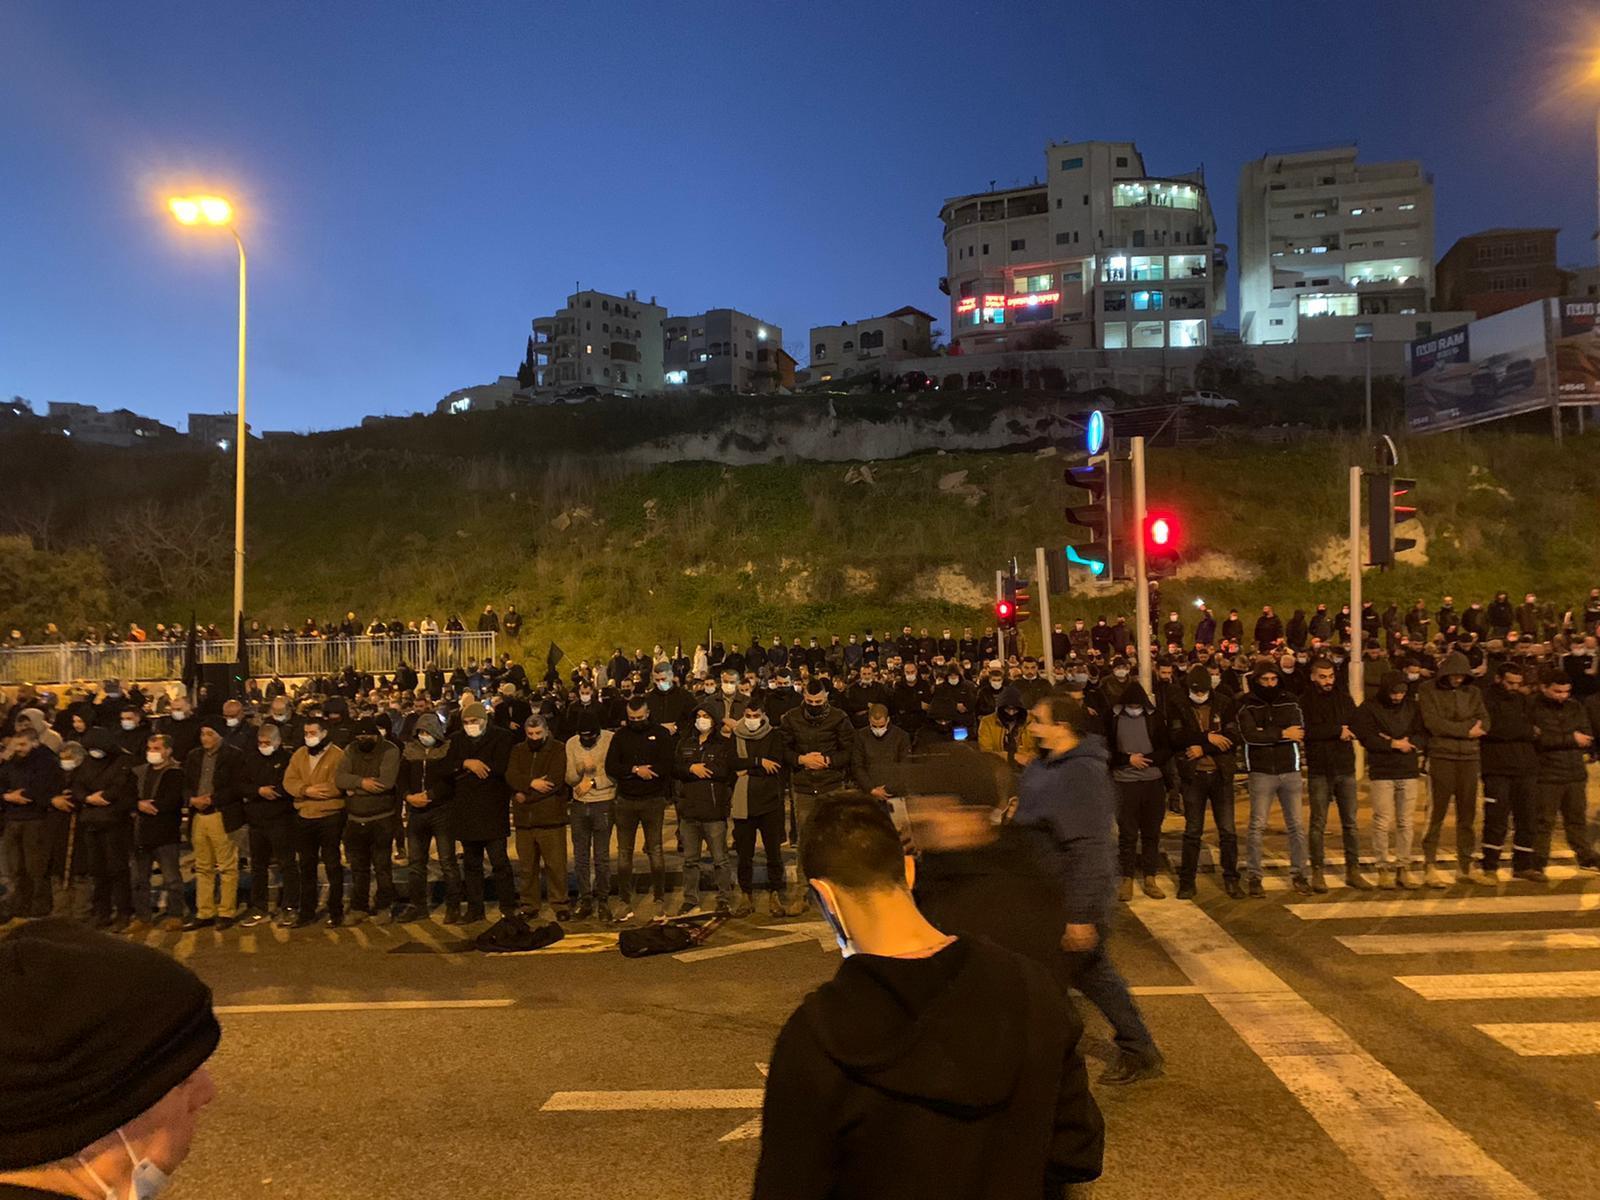 تشييع ضحية القتل بأم الفحم: صلاة جنازة على شارع 65 واعتقال متظاهرين